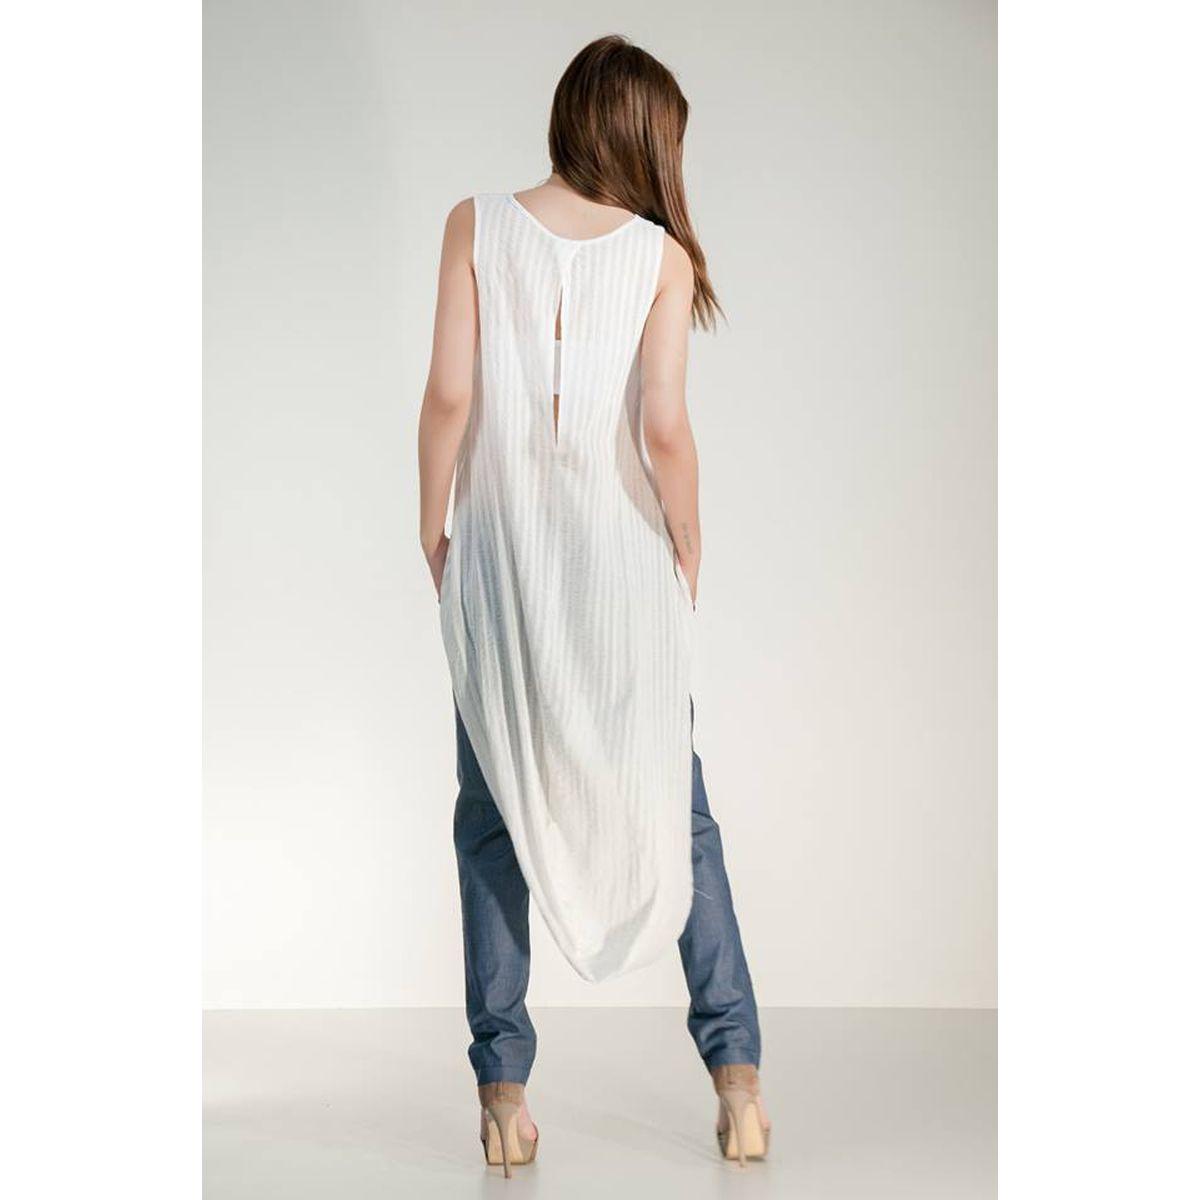 Μπλούζες κοντές μπροστά μακριές πίσω - Dressme 02f316dab9f